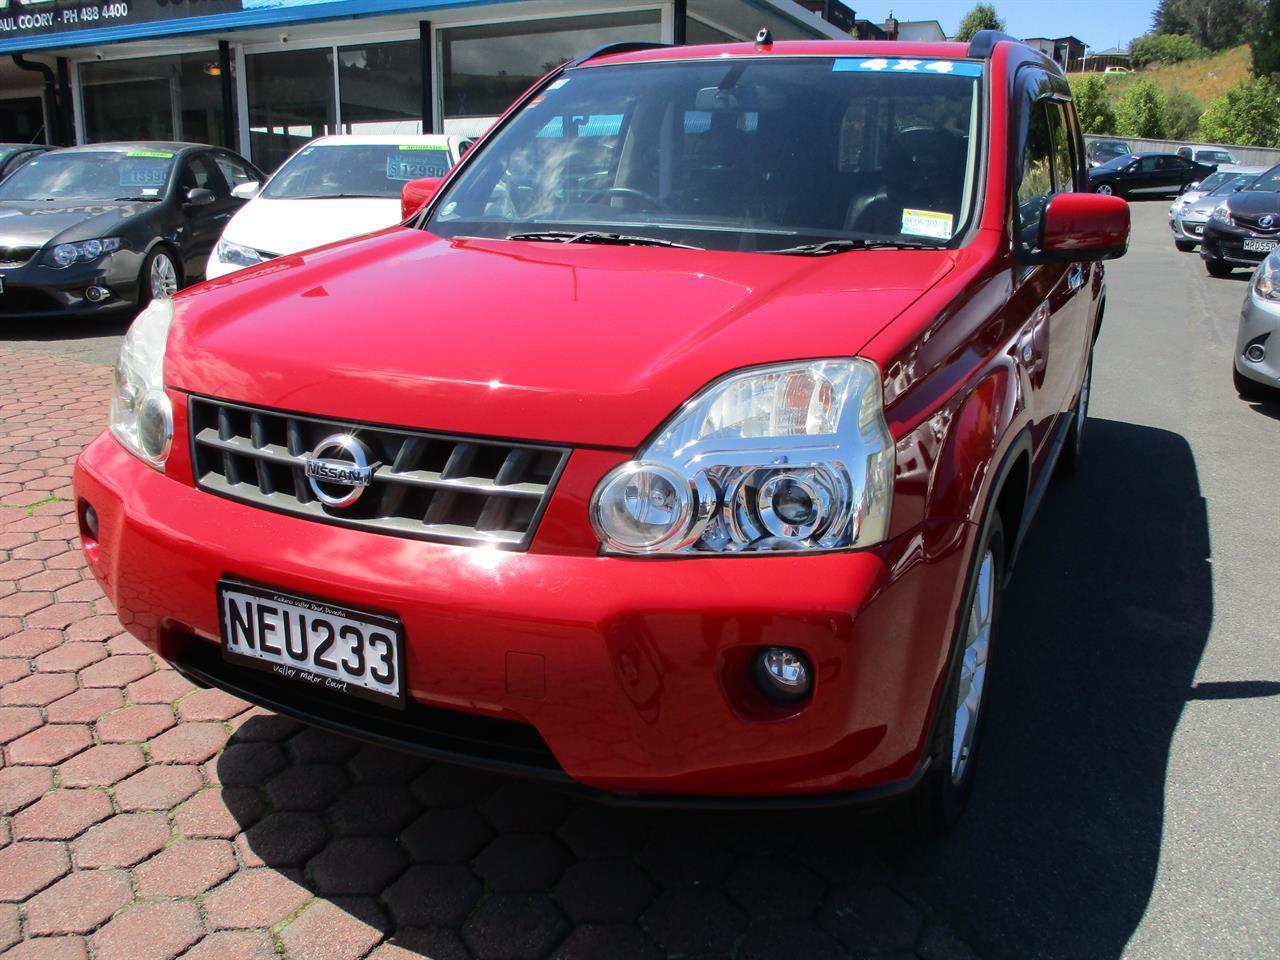 image-9, 2007 Nissan X-Trail 2.5 4x4 at Dunedin